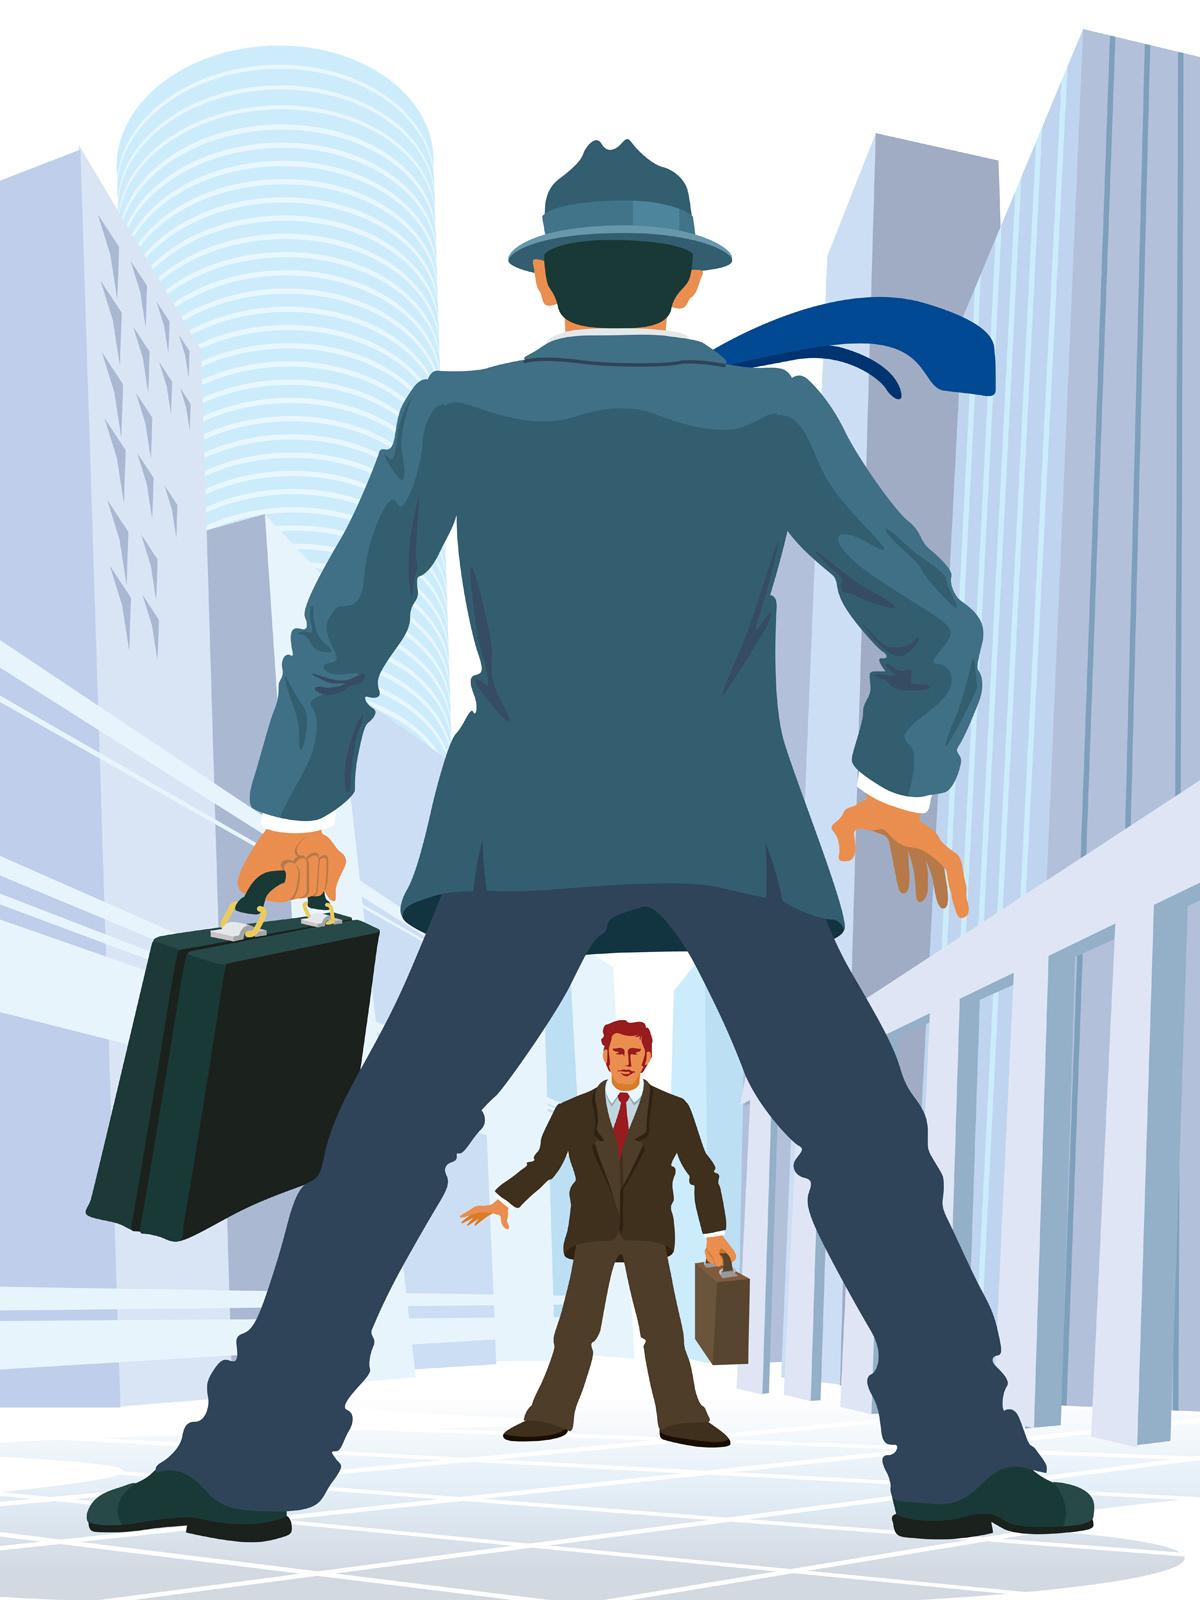 Standoff between Regulators vs. Token Issuers  (Getty Images license)